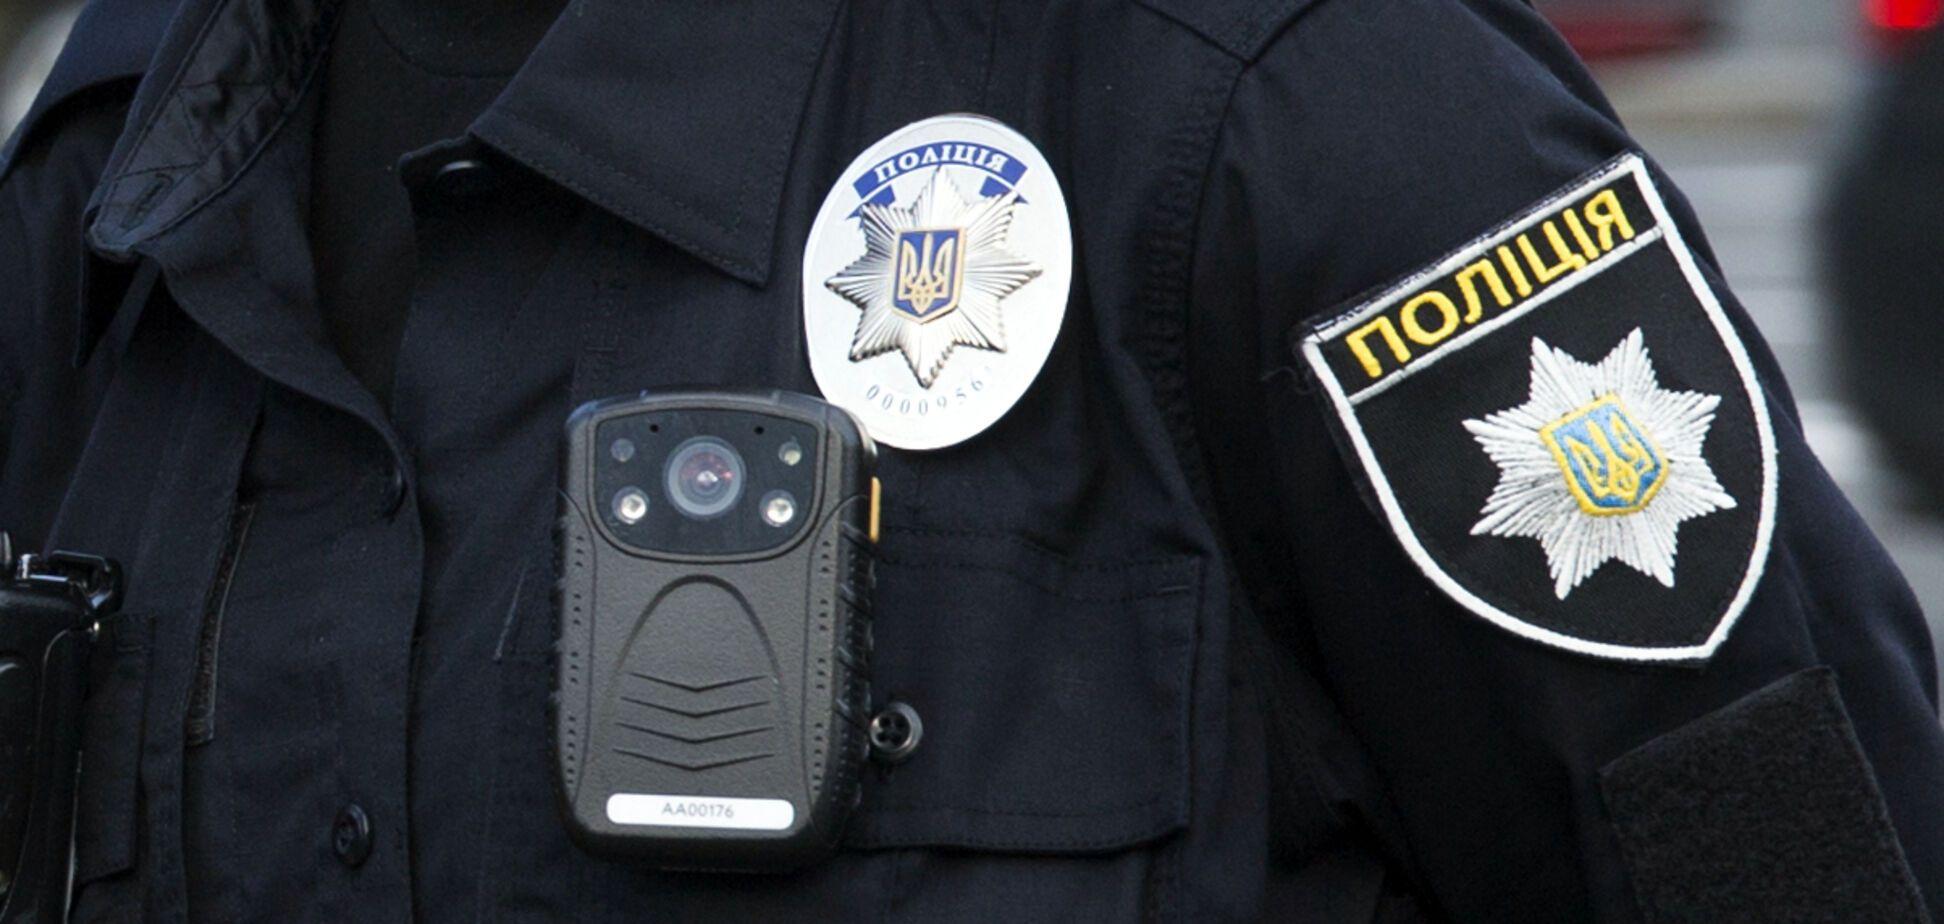 У Дніпрі натовп чоловіків напав на поліцейських: подробиці